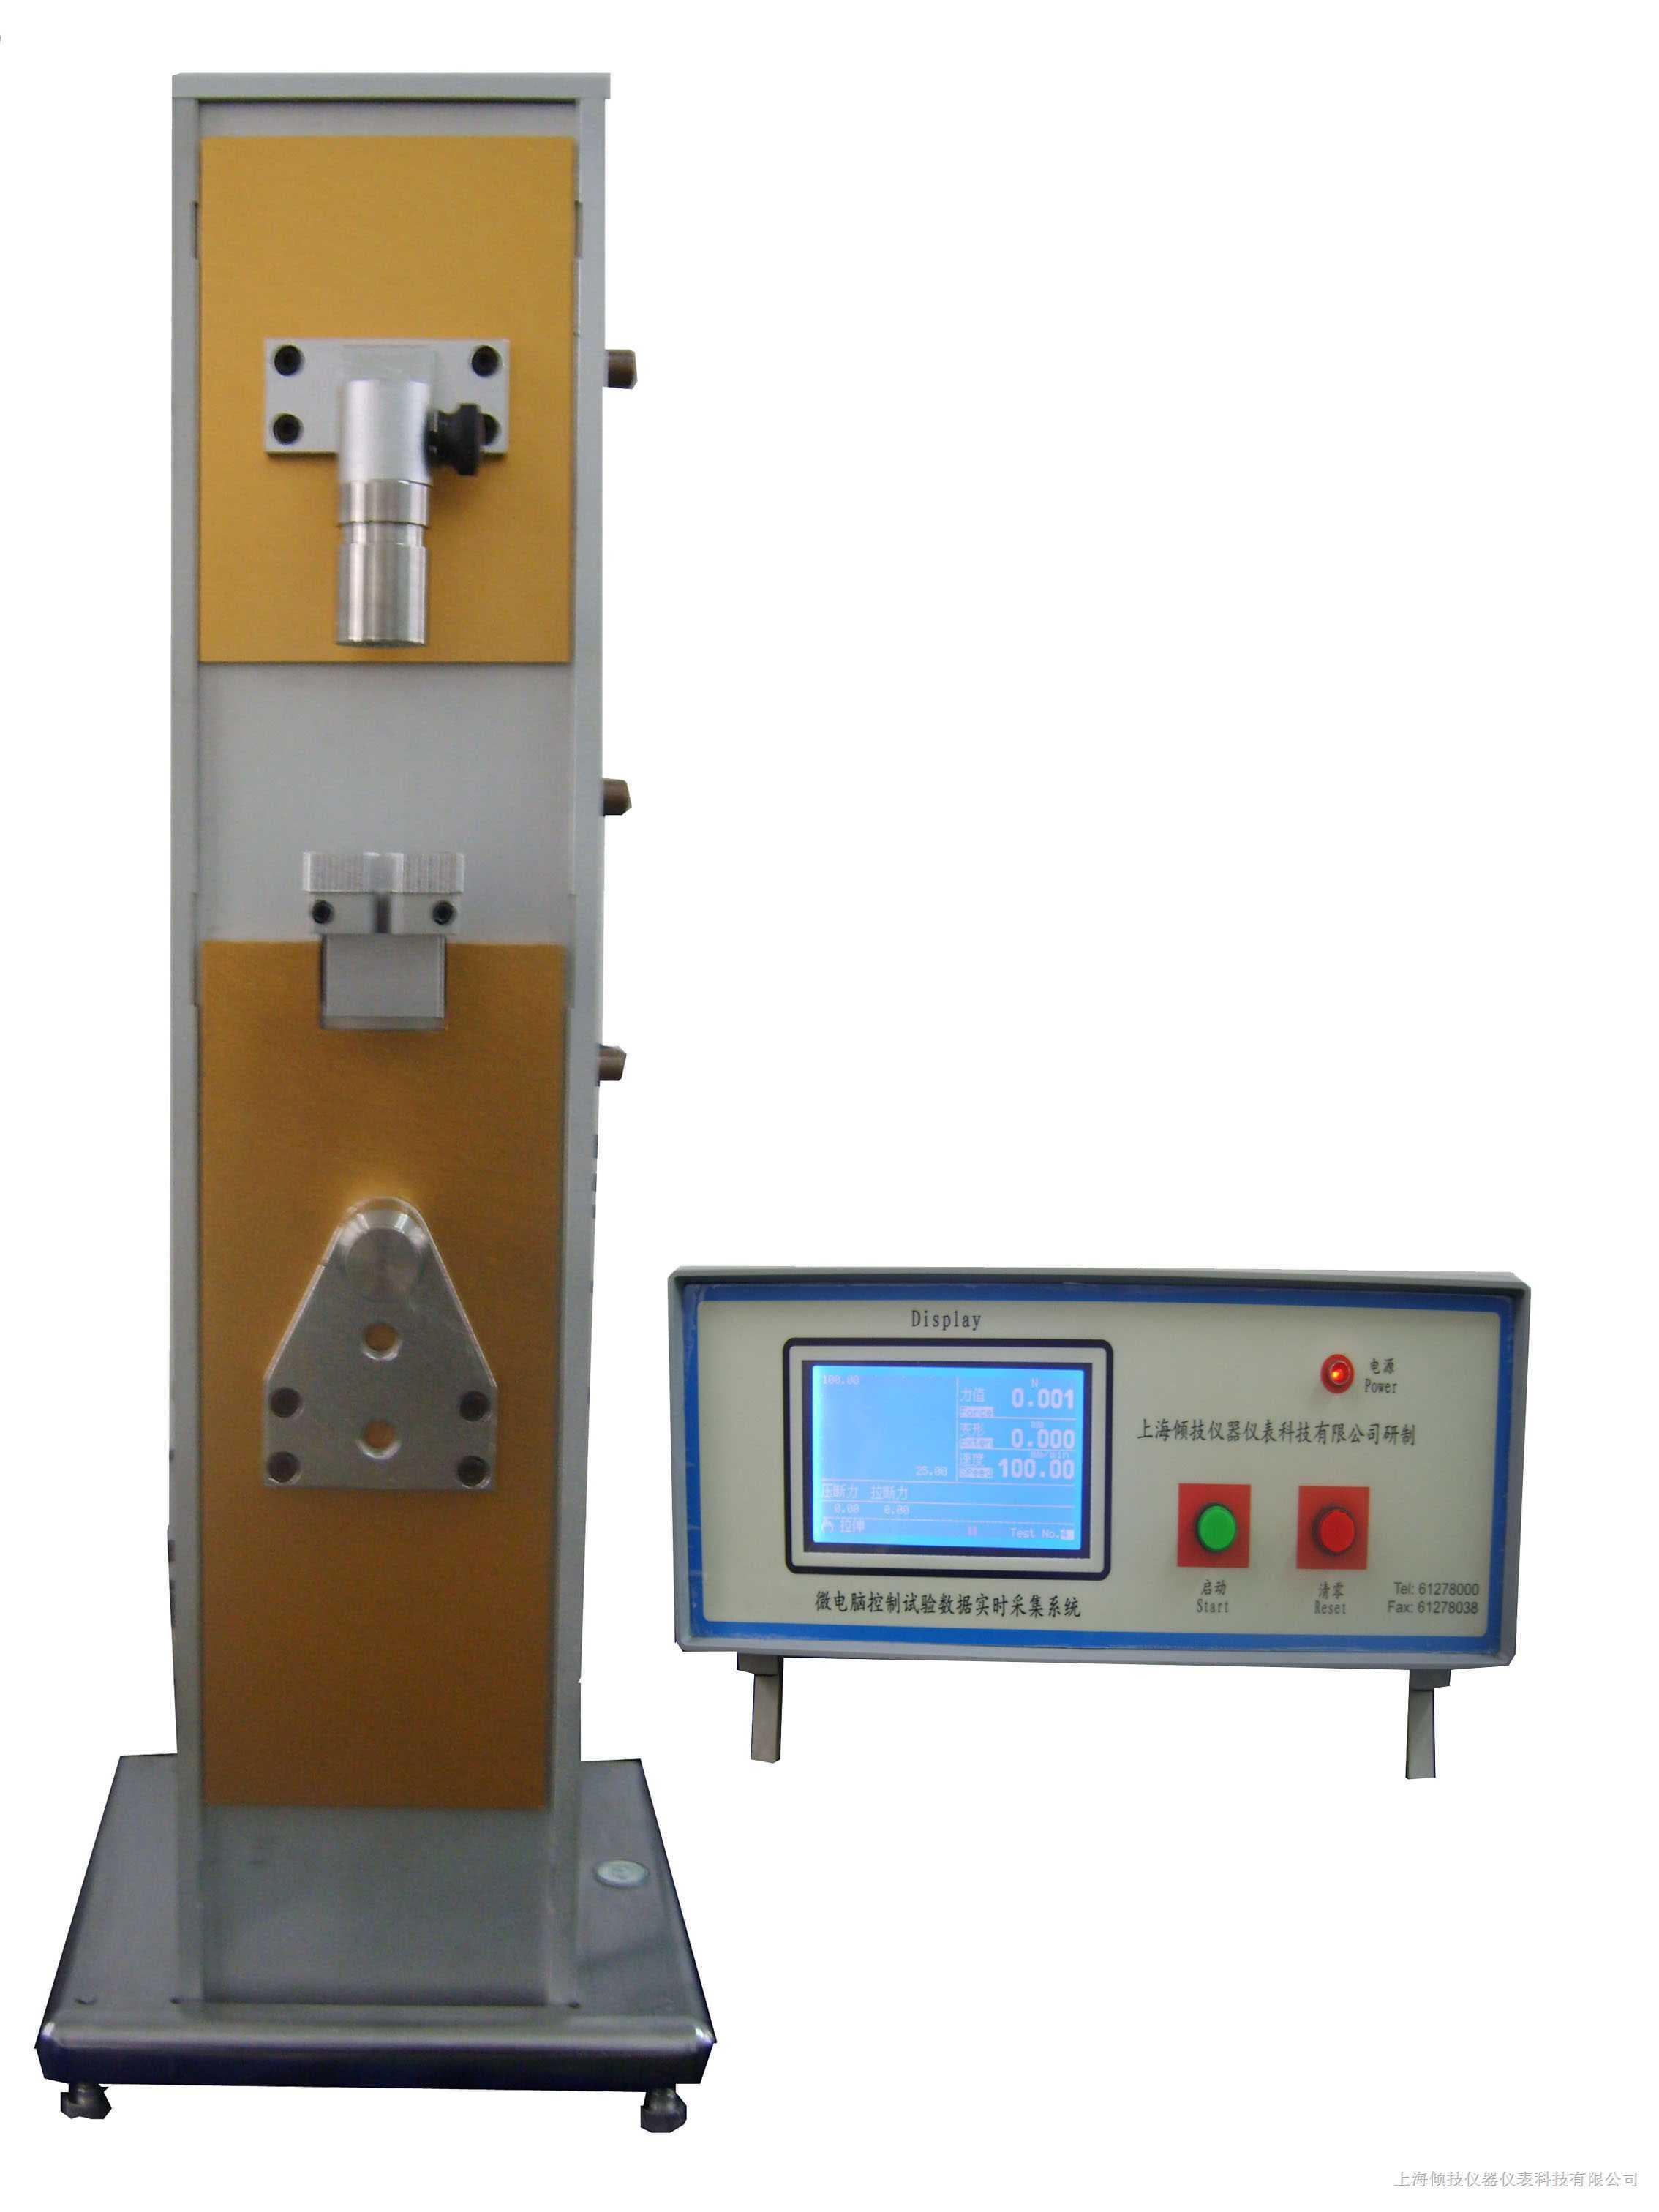 山东济南压力疲劳试验机、压力脉冲试验台、疲劳... - 中国供应商